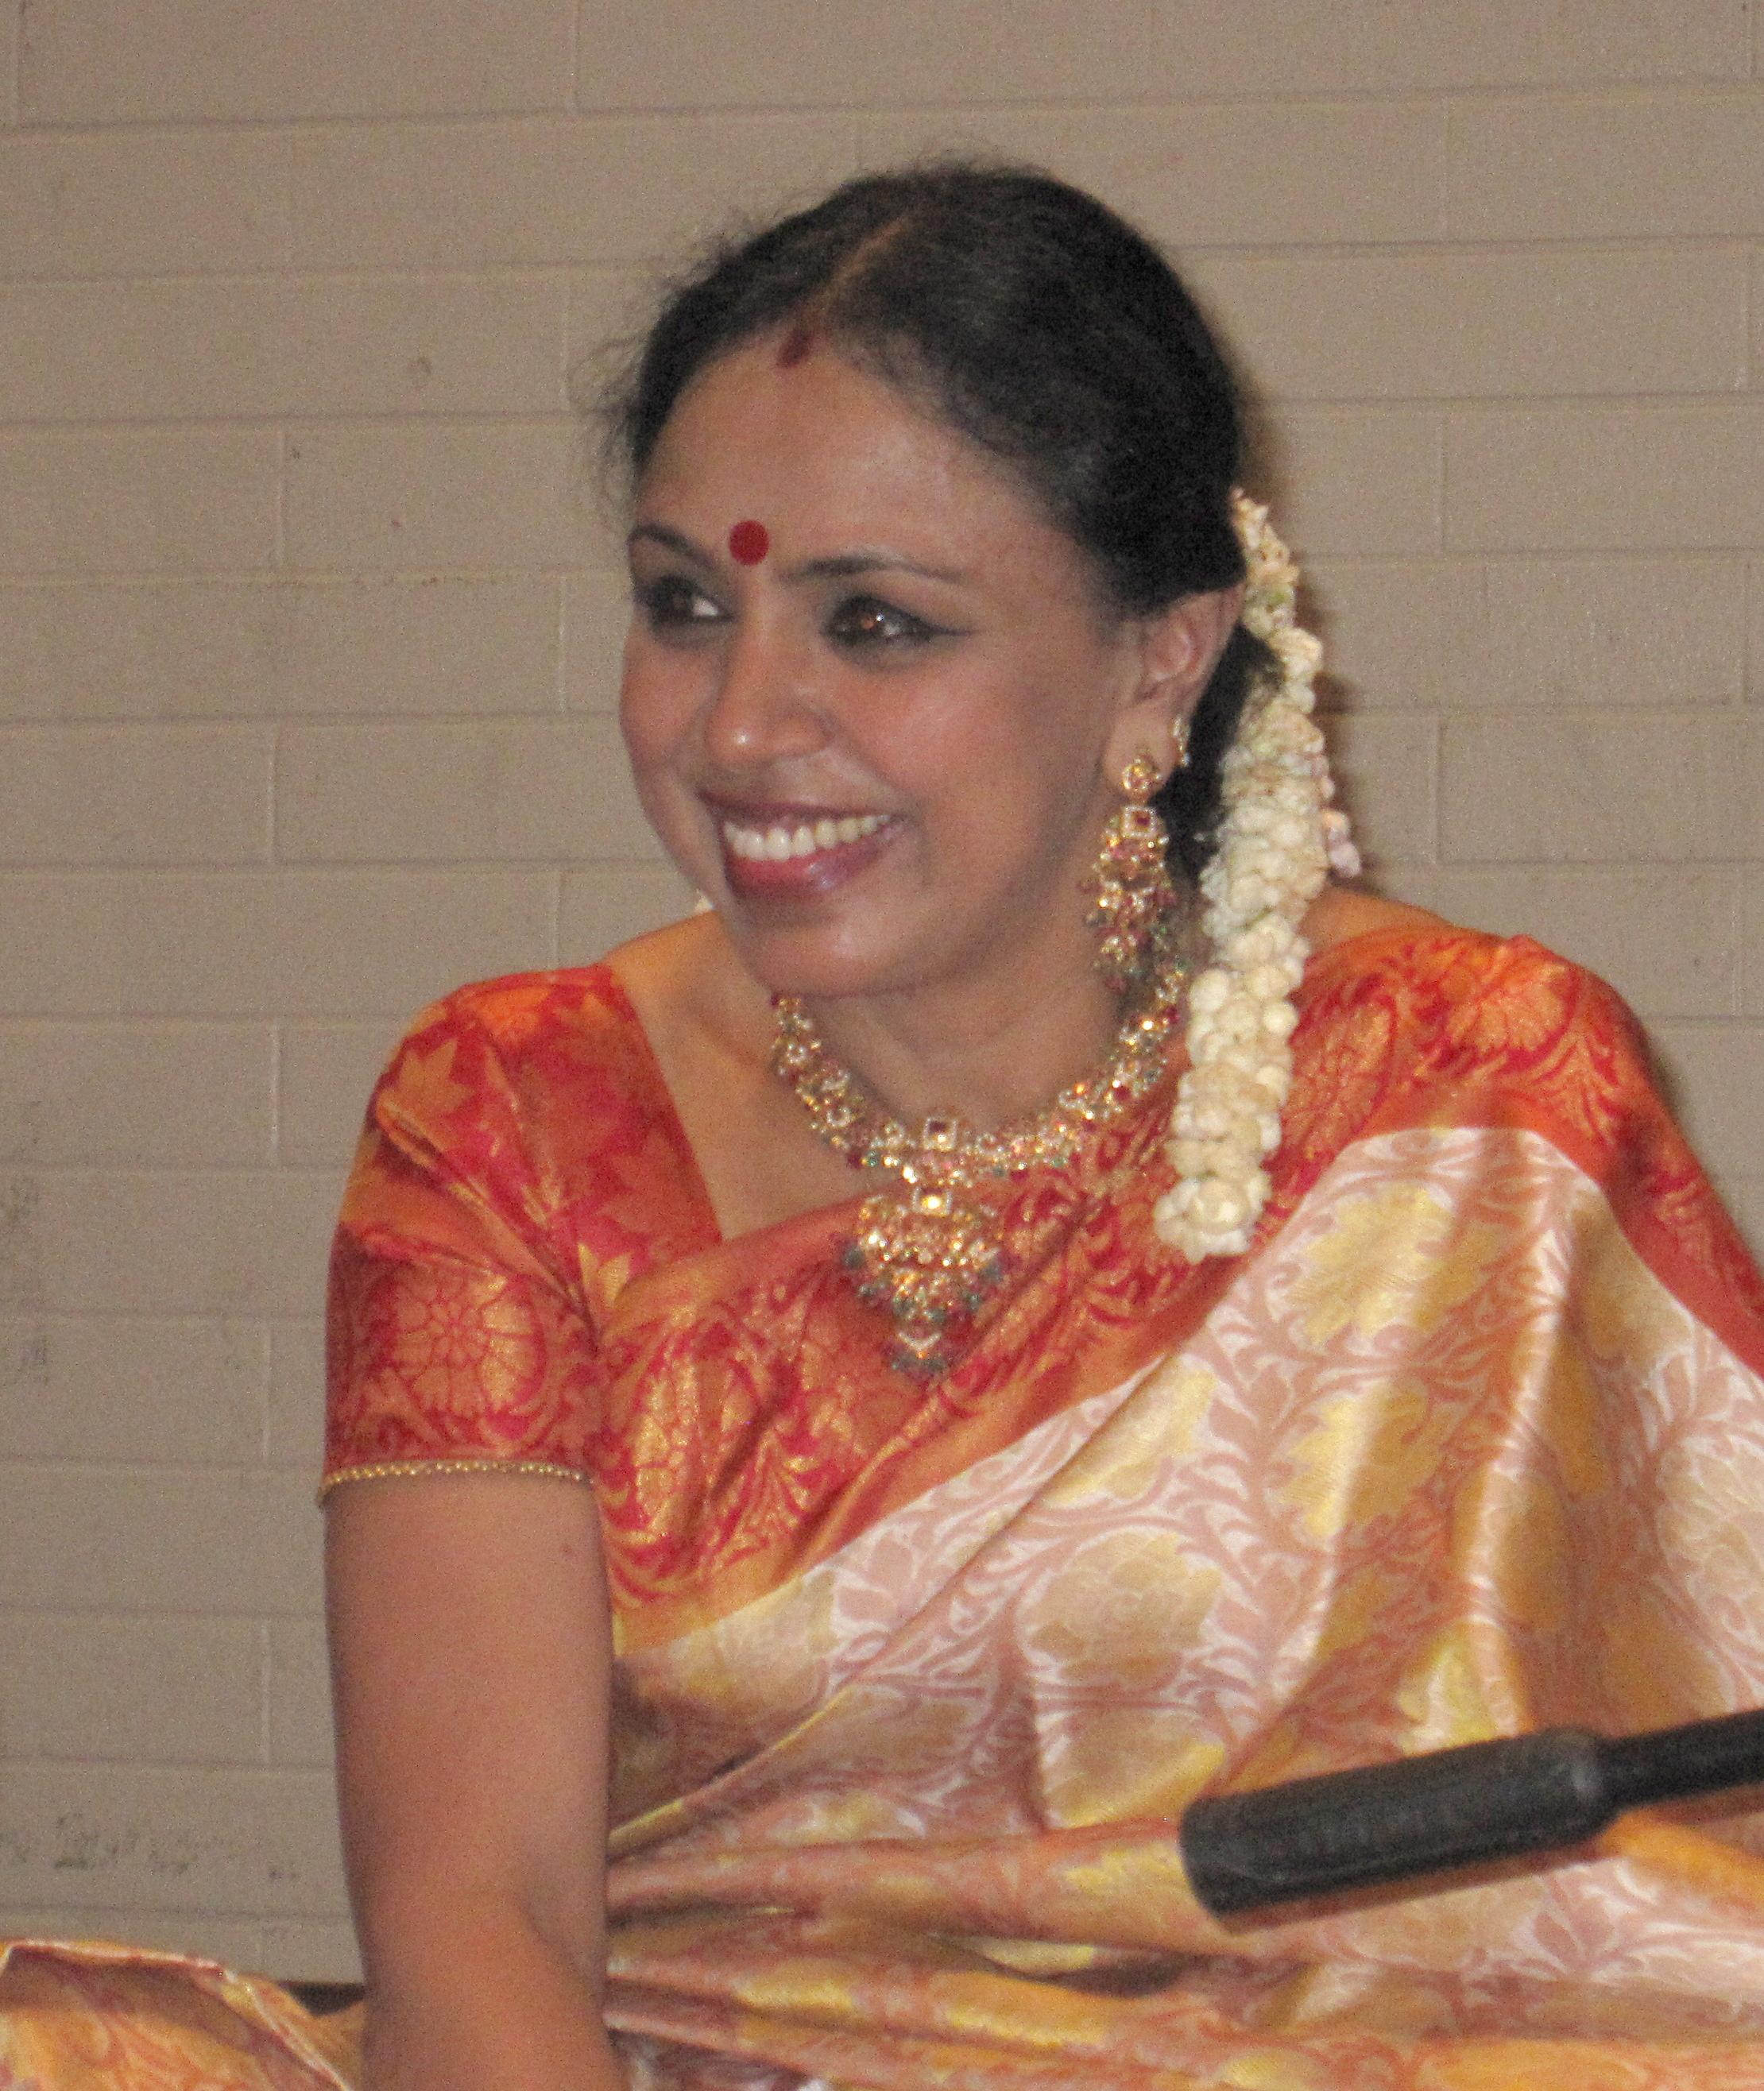 2012 లో ఆస్ట్రేలియా లో సుధా రఘునాథన్